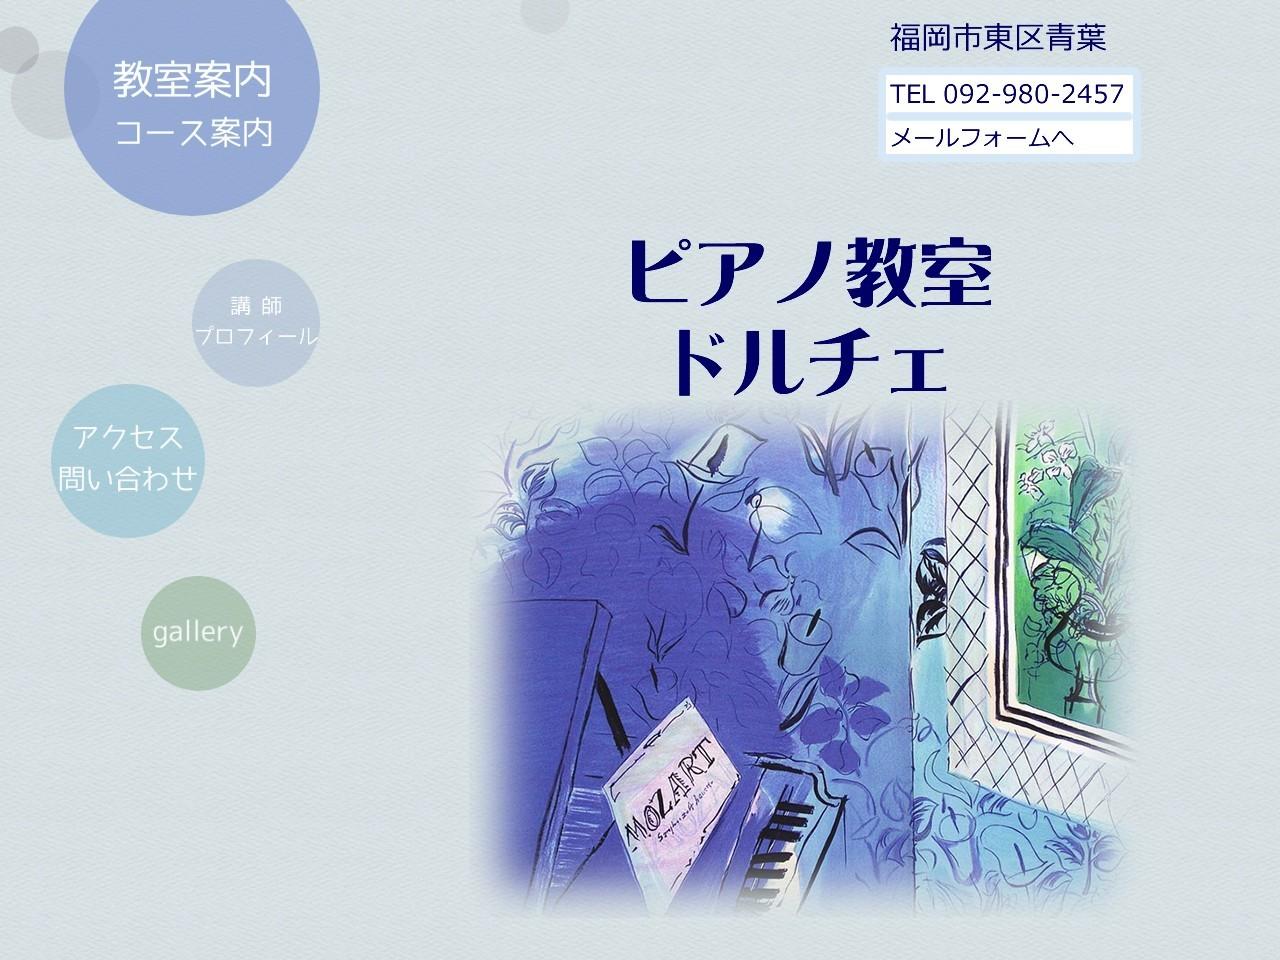 ピアノ教室ドルチェのサムネイル